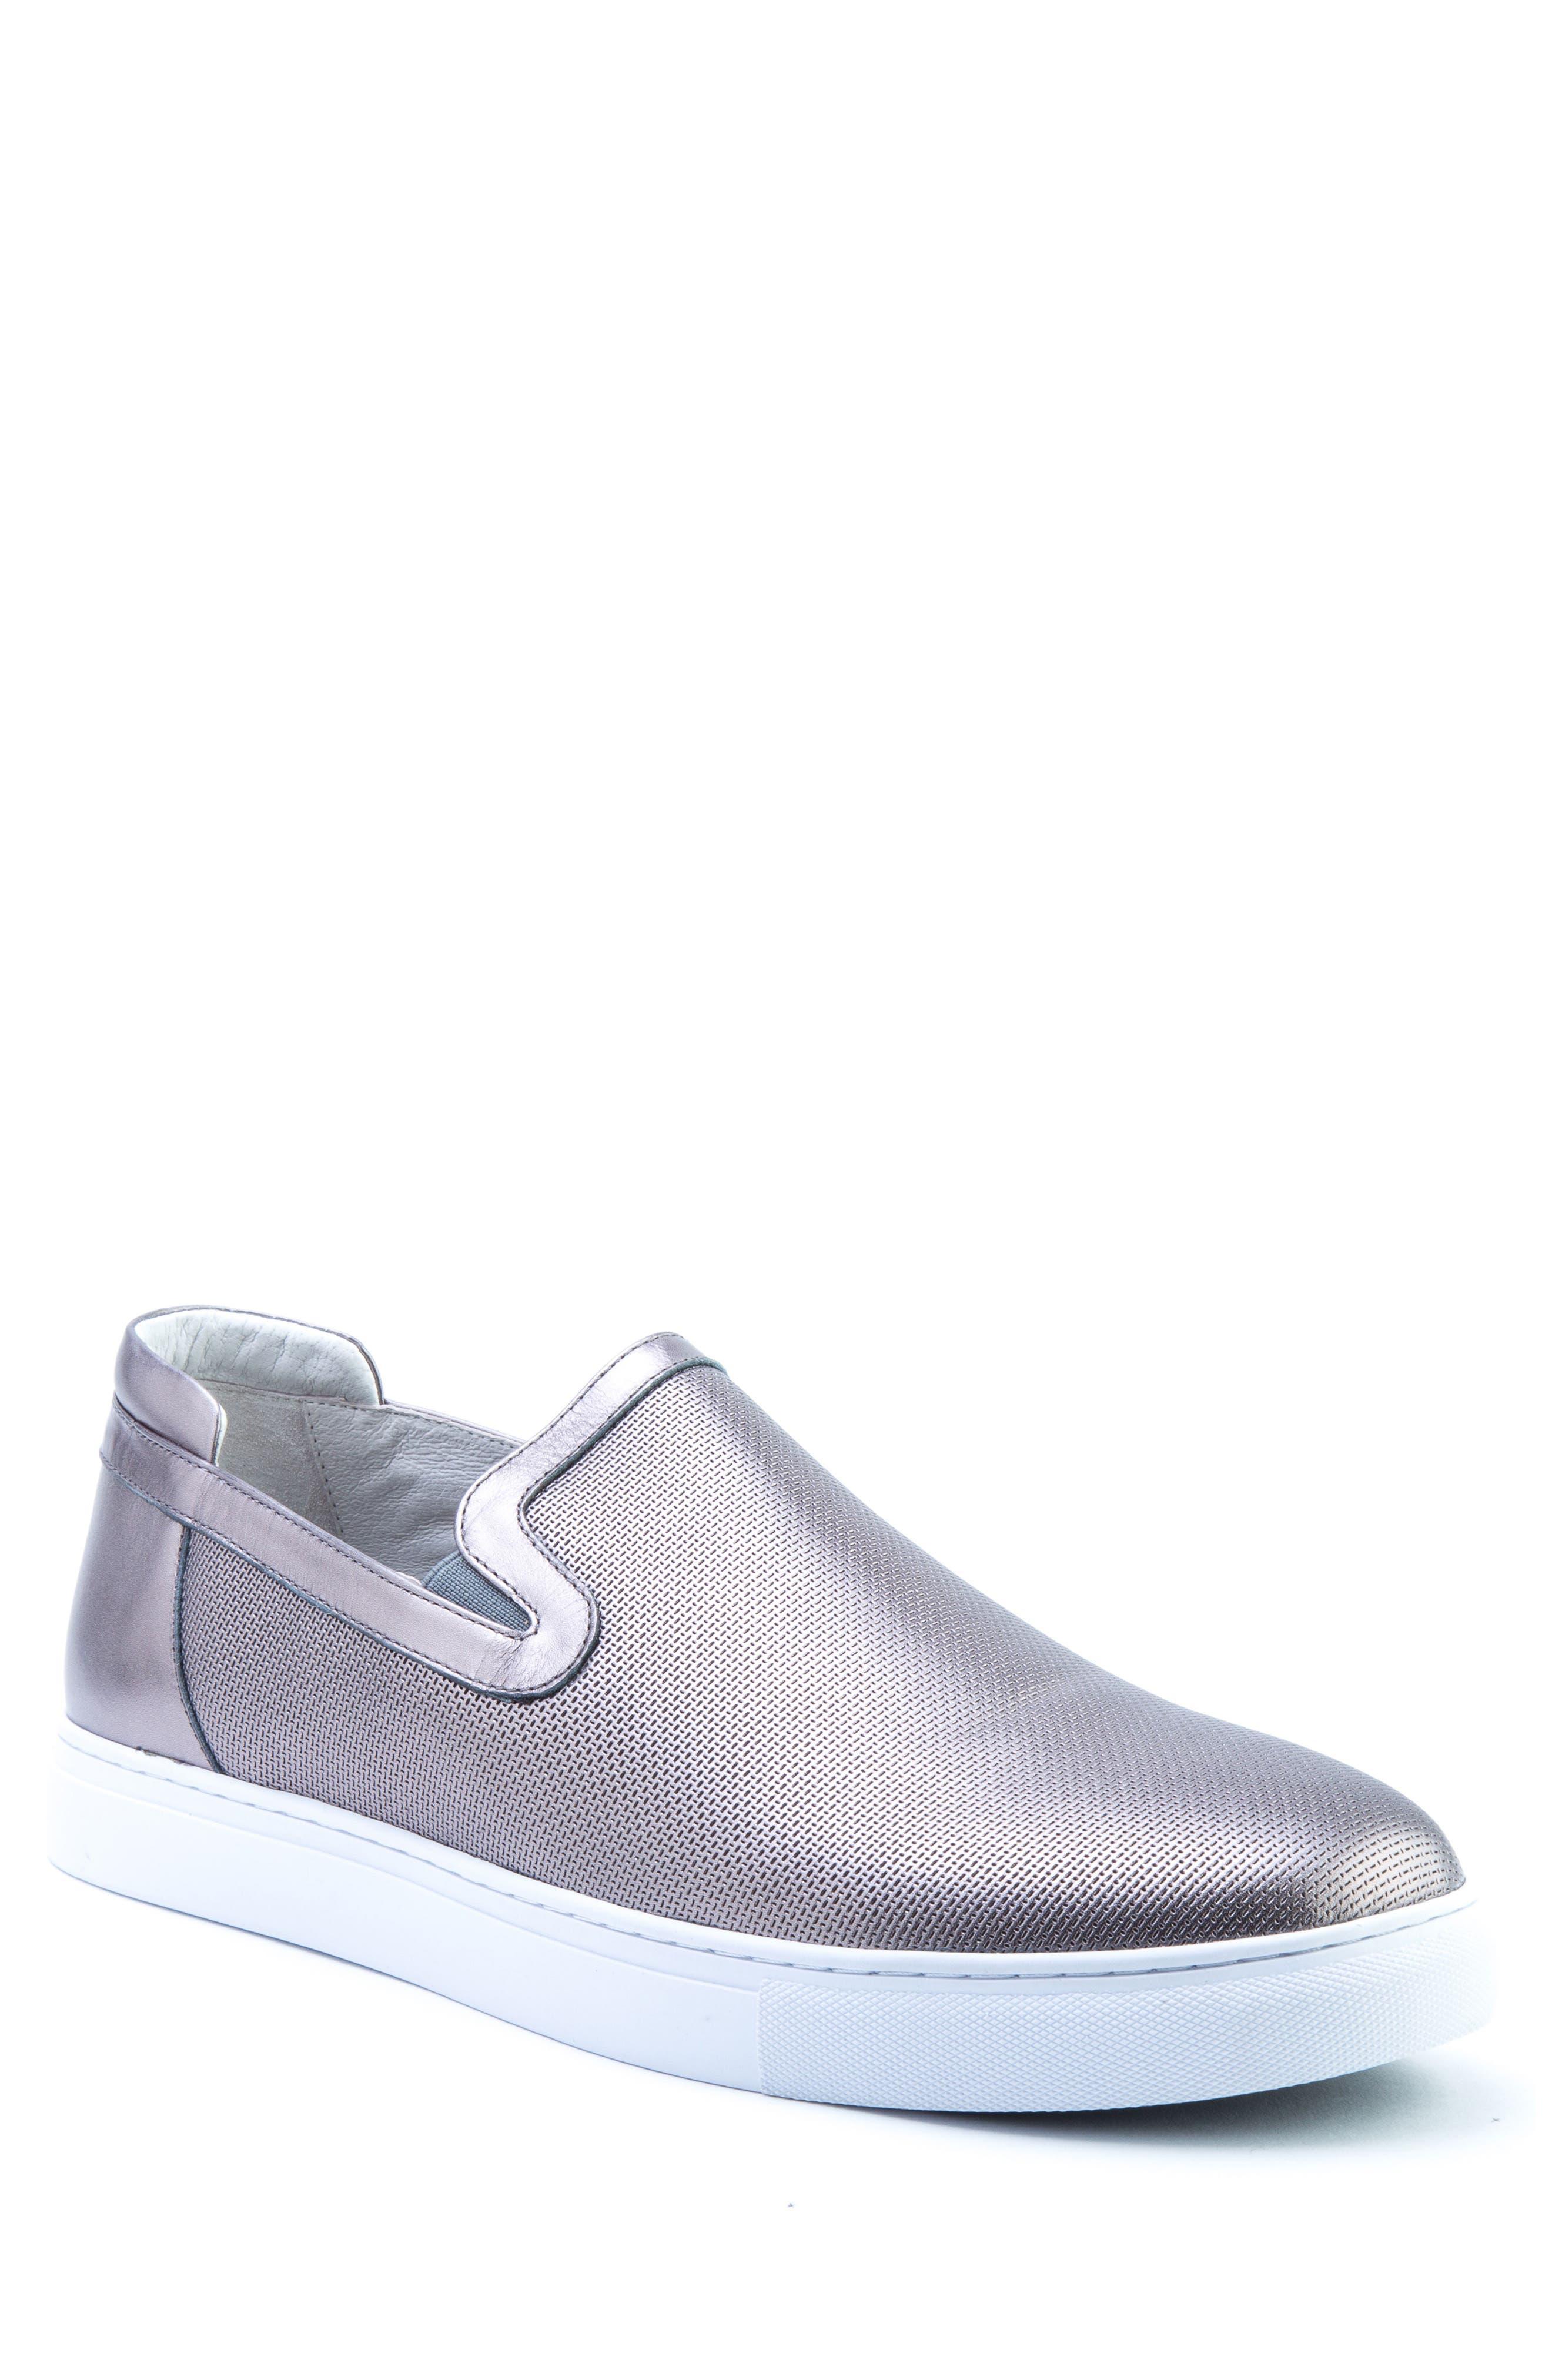 BADGLEY MISCHKA Grant Sneaker